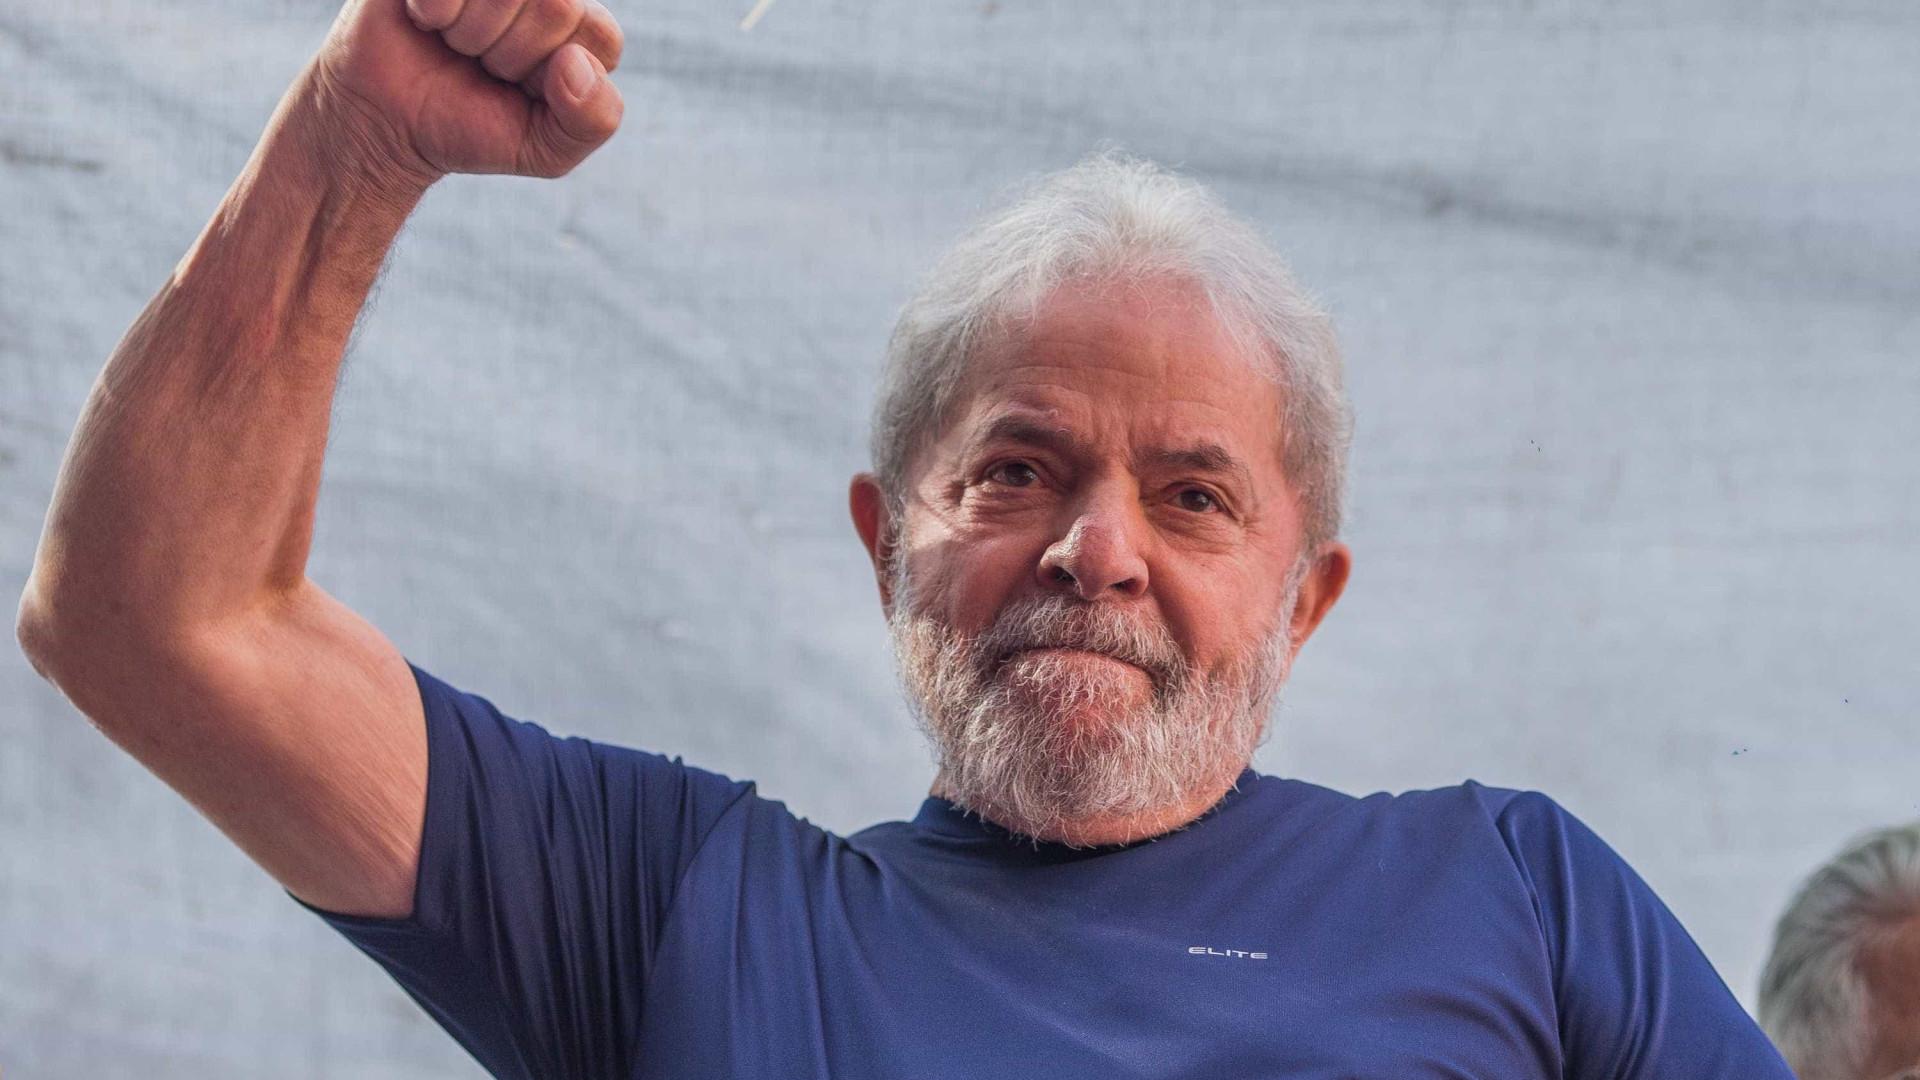 Lula diz que não quer indulto, afirma Gleisi Hoffmann